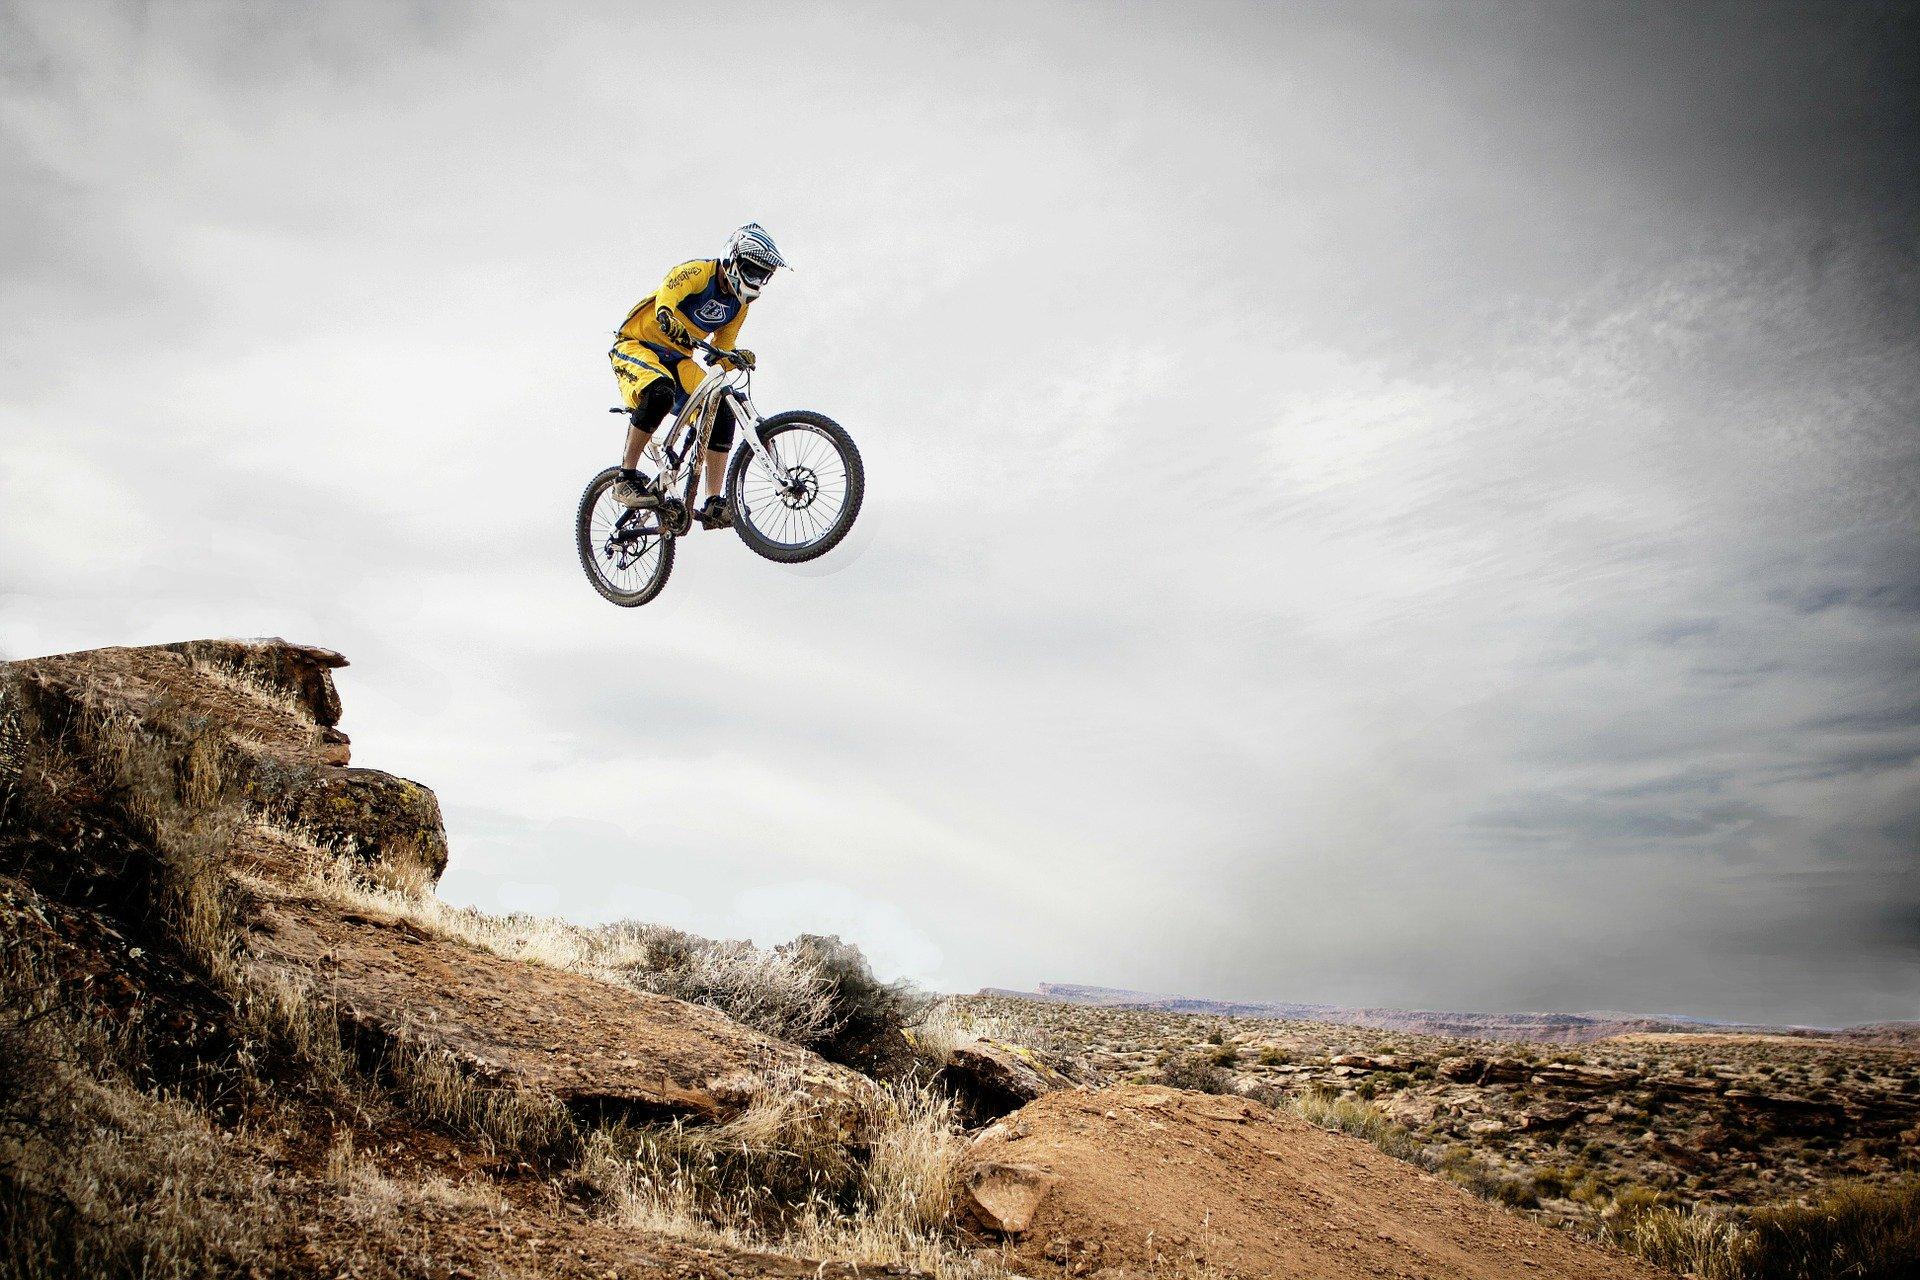 ciclista haciendo maniobras